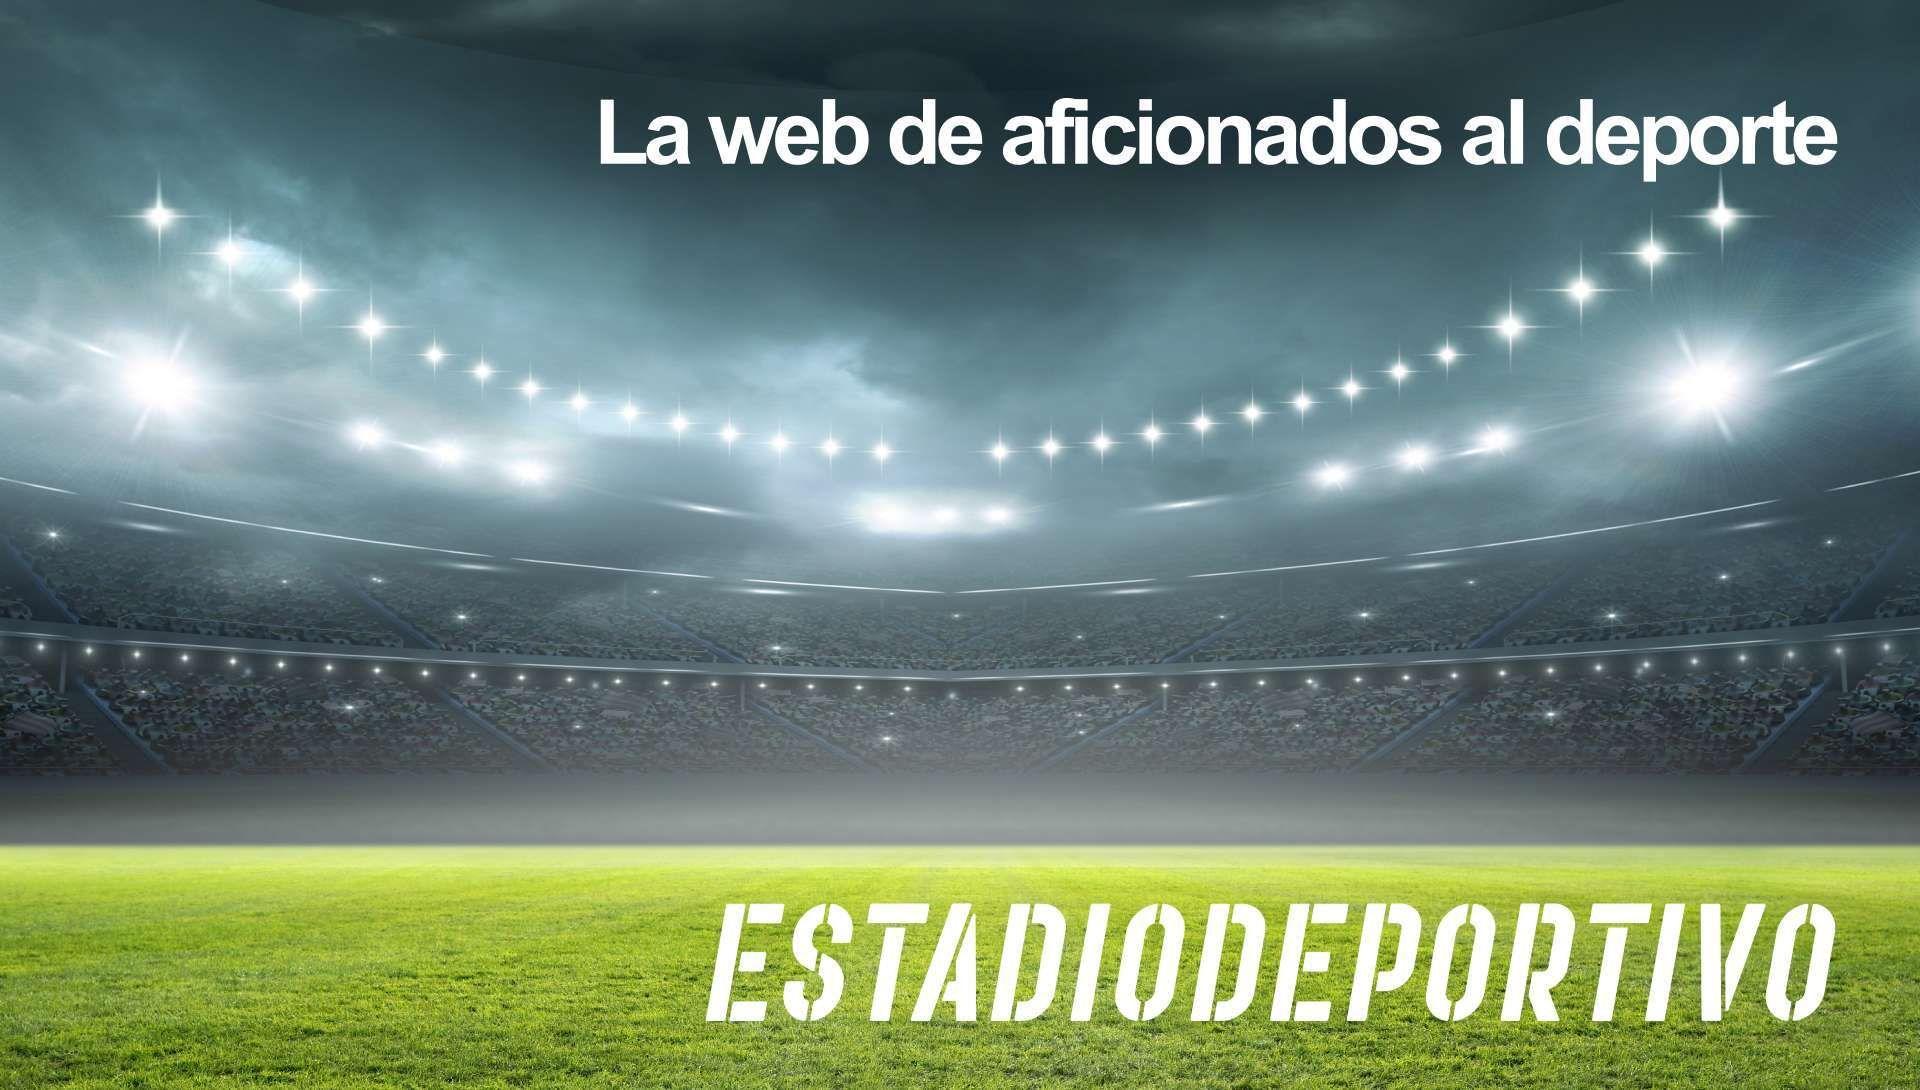 ¿Por qué se llaman así los estadios de LaLiga?